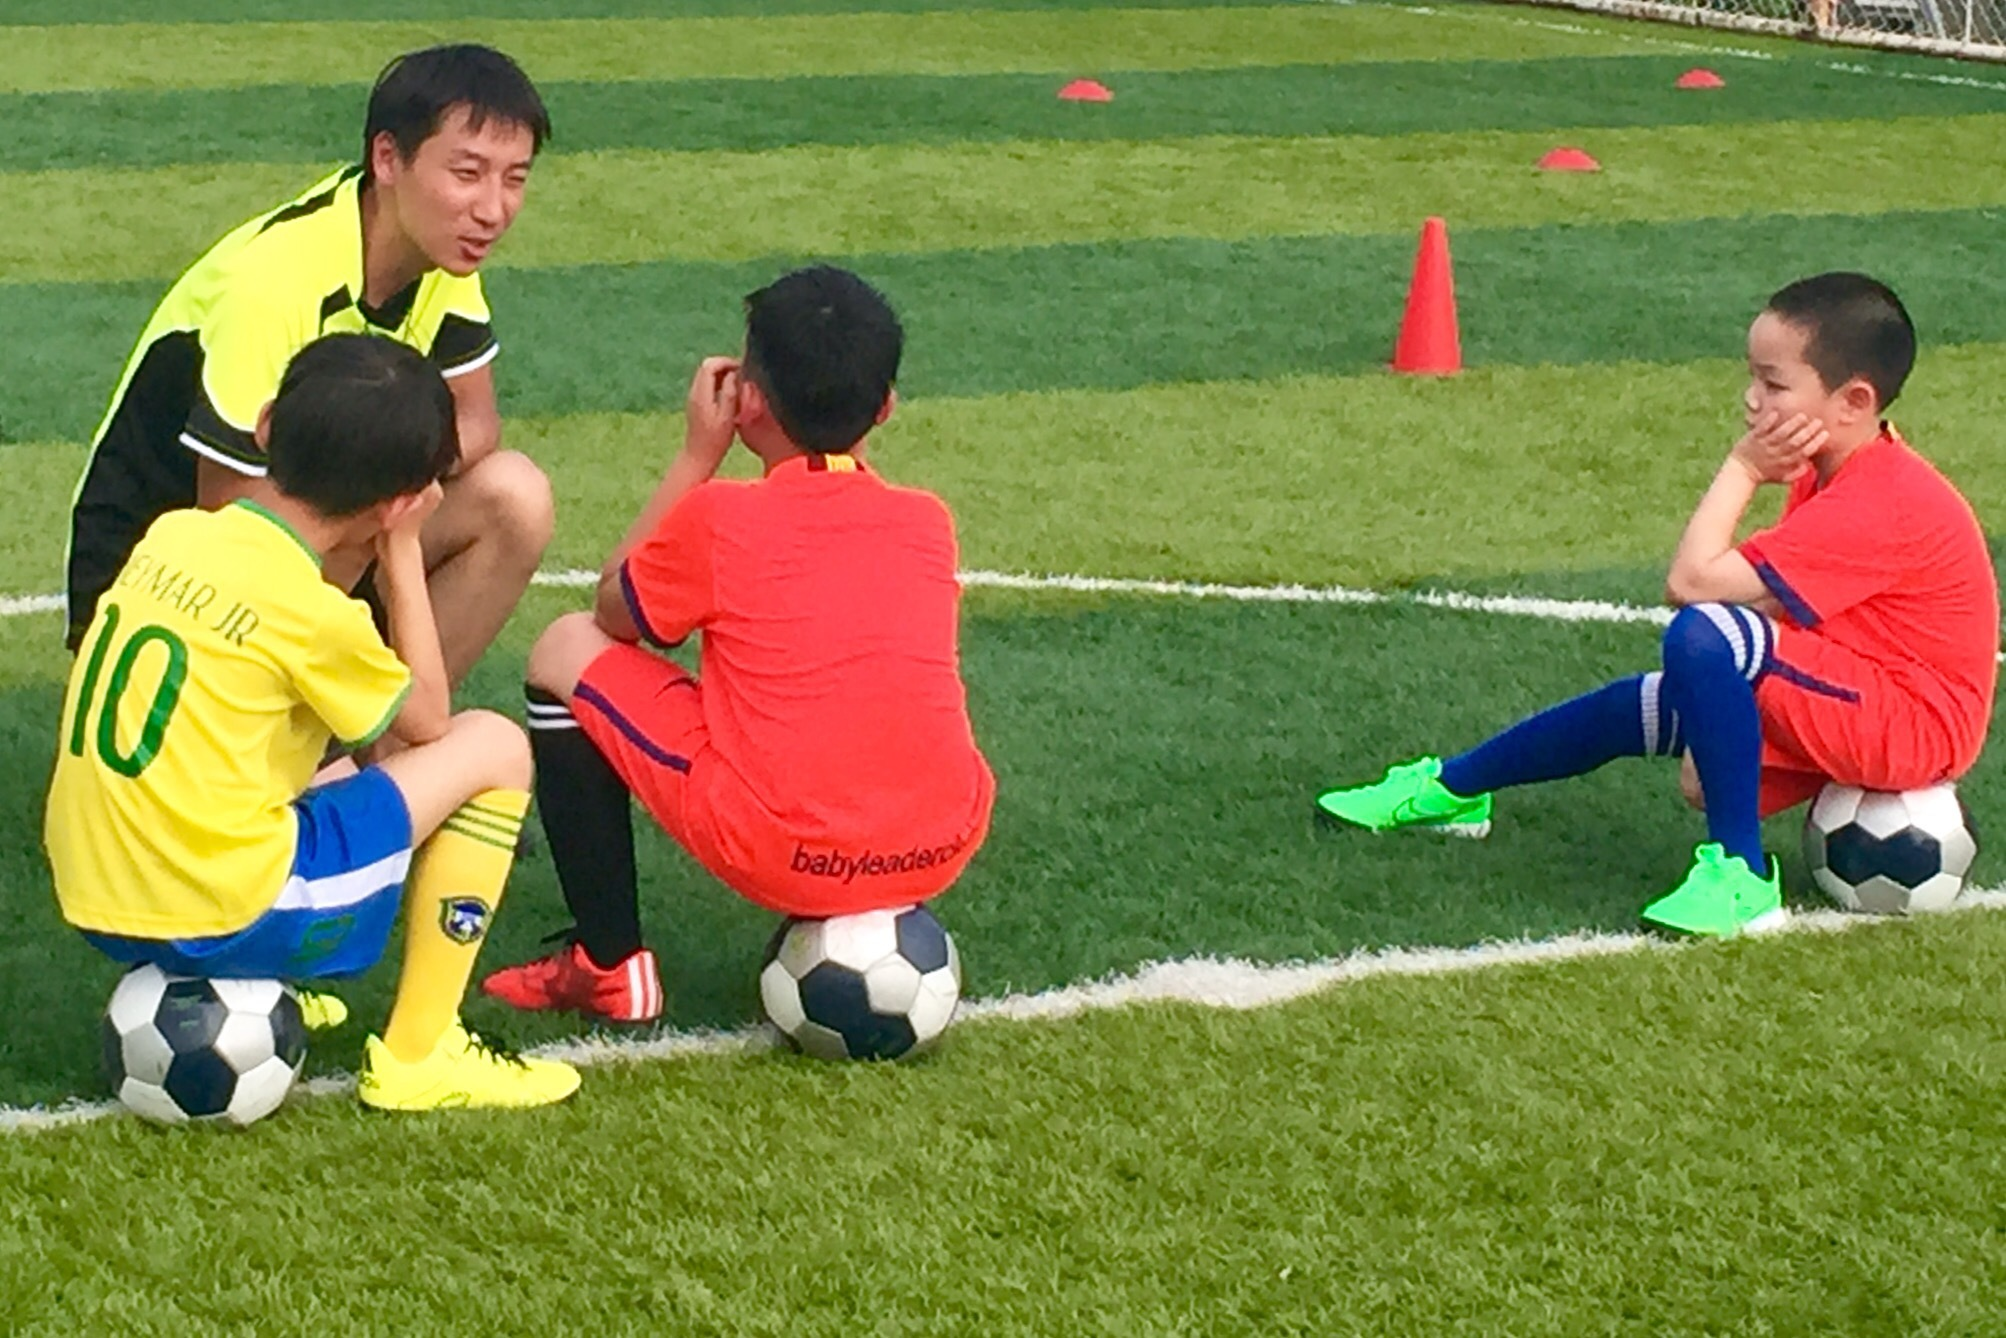 【上海半日亲子运动营】足球主题亲子嘉年华